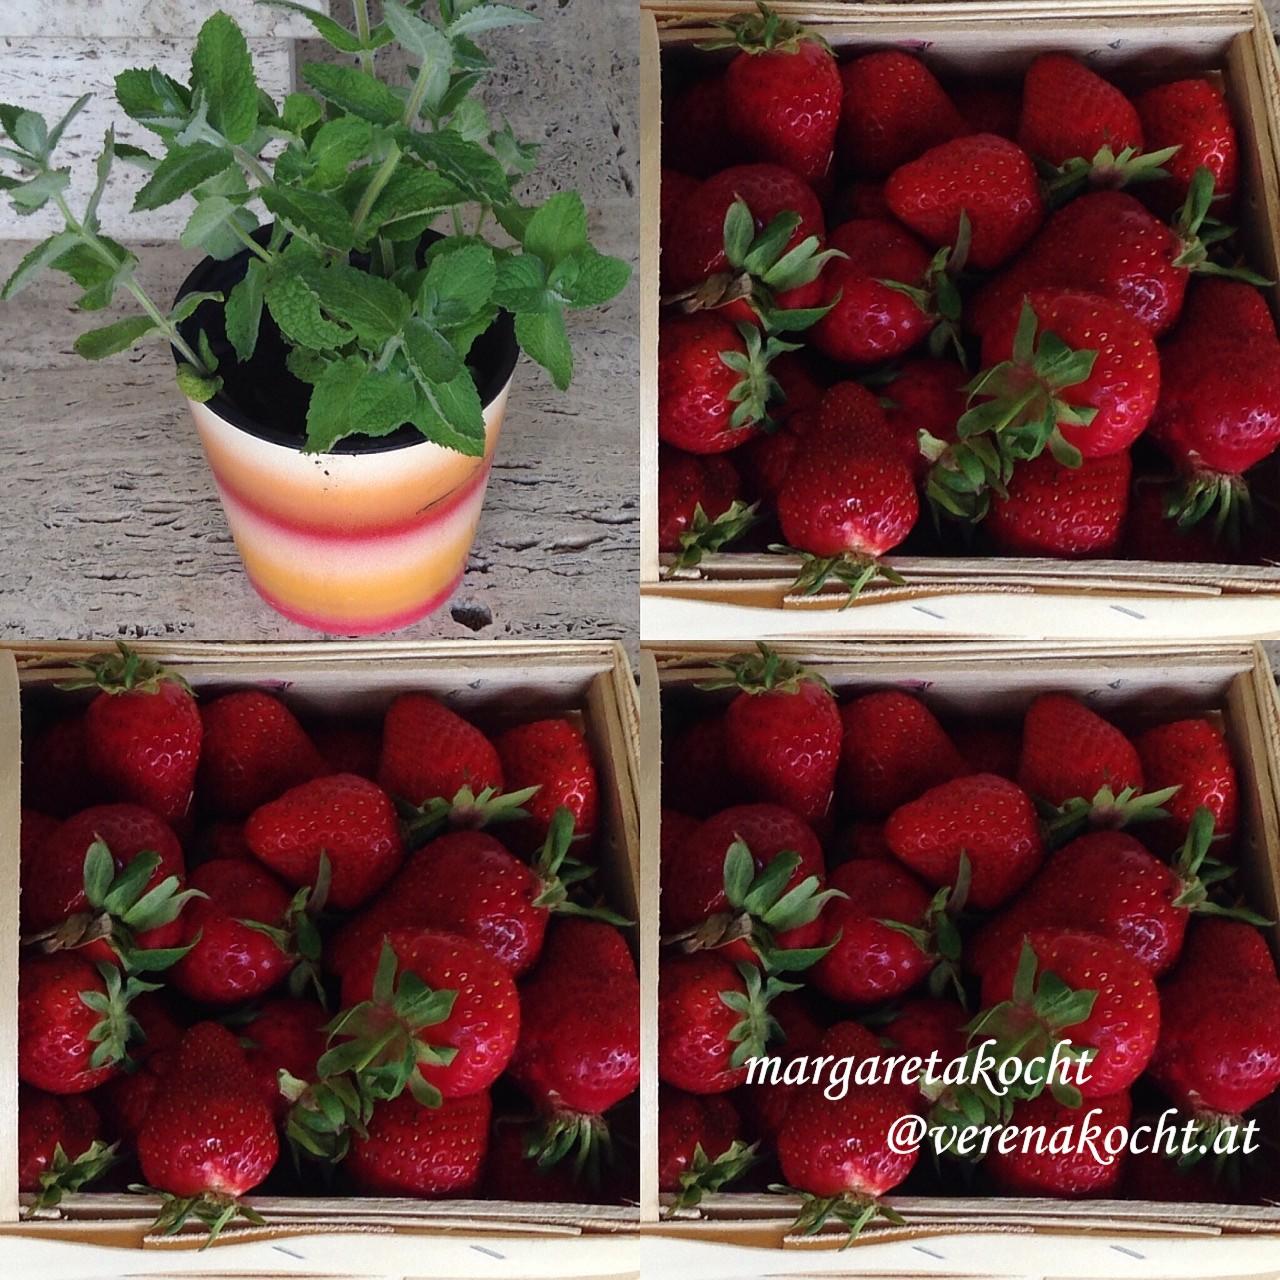 kalt ger hrter fruchtaufstrich von der erdbeere oder wieso der fruchtikus einpacken kann. Black Bedroom Furniture Sets. Home Design Ideas